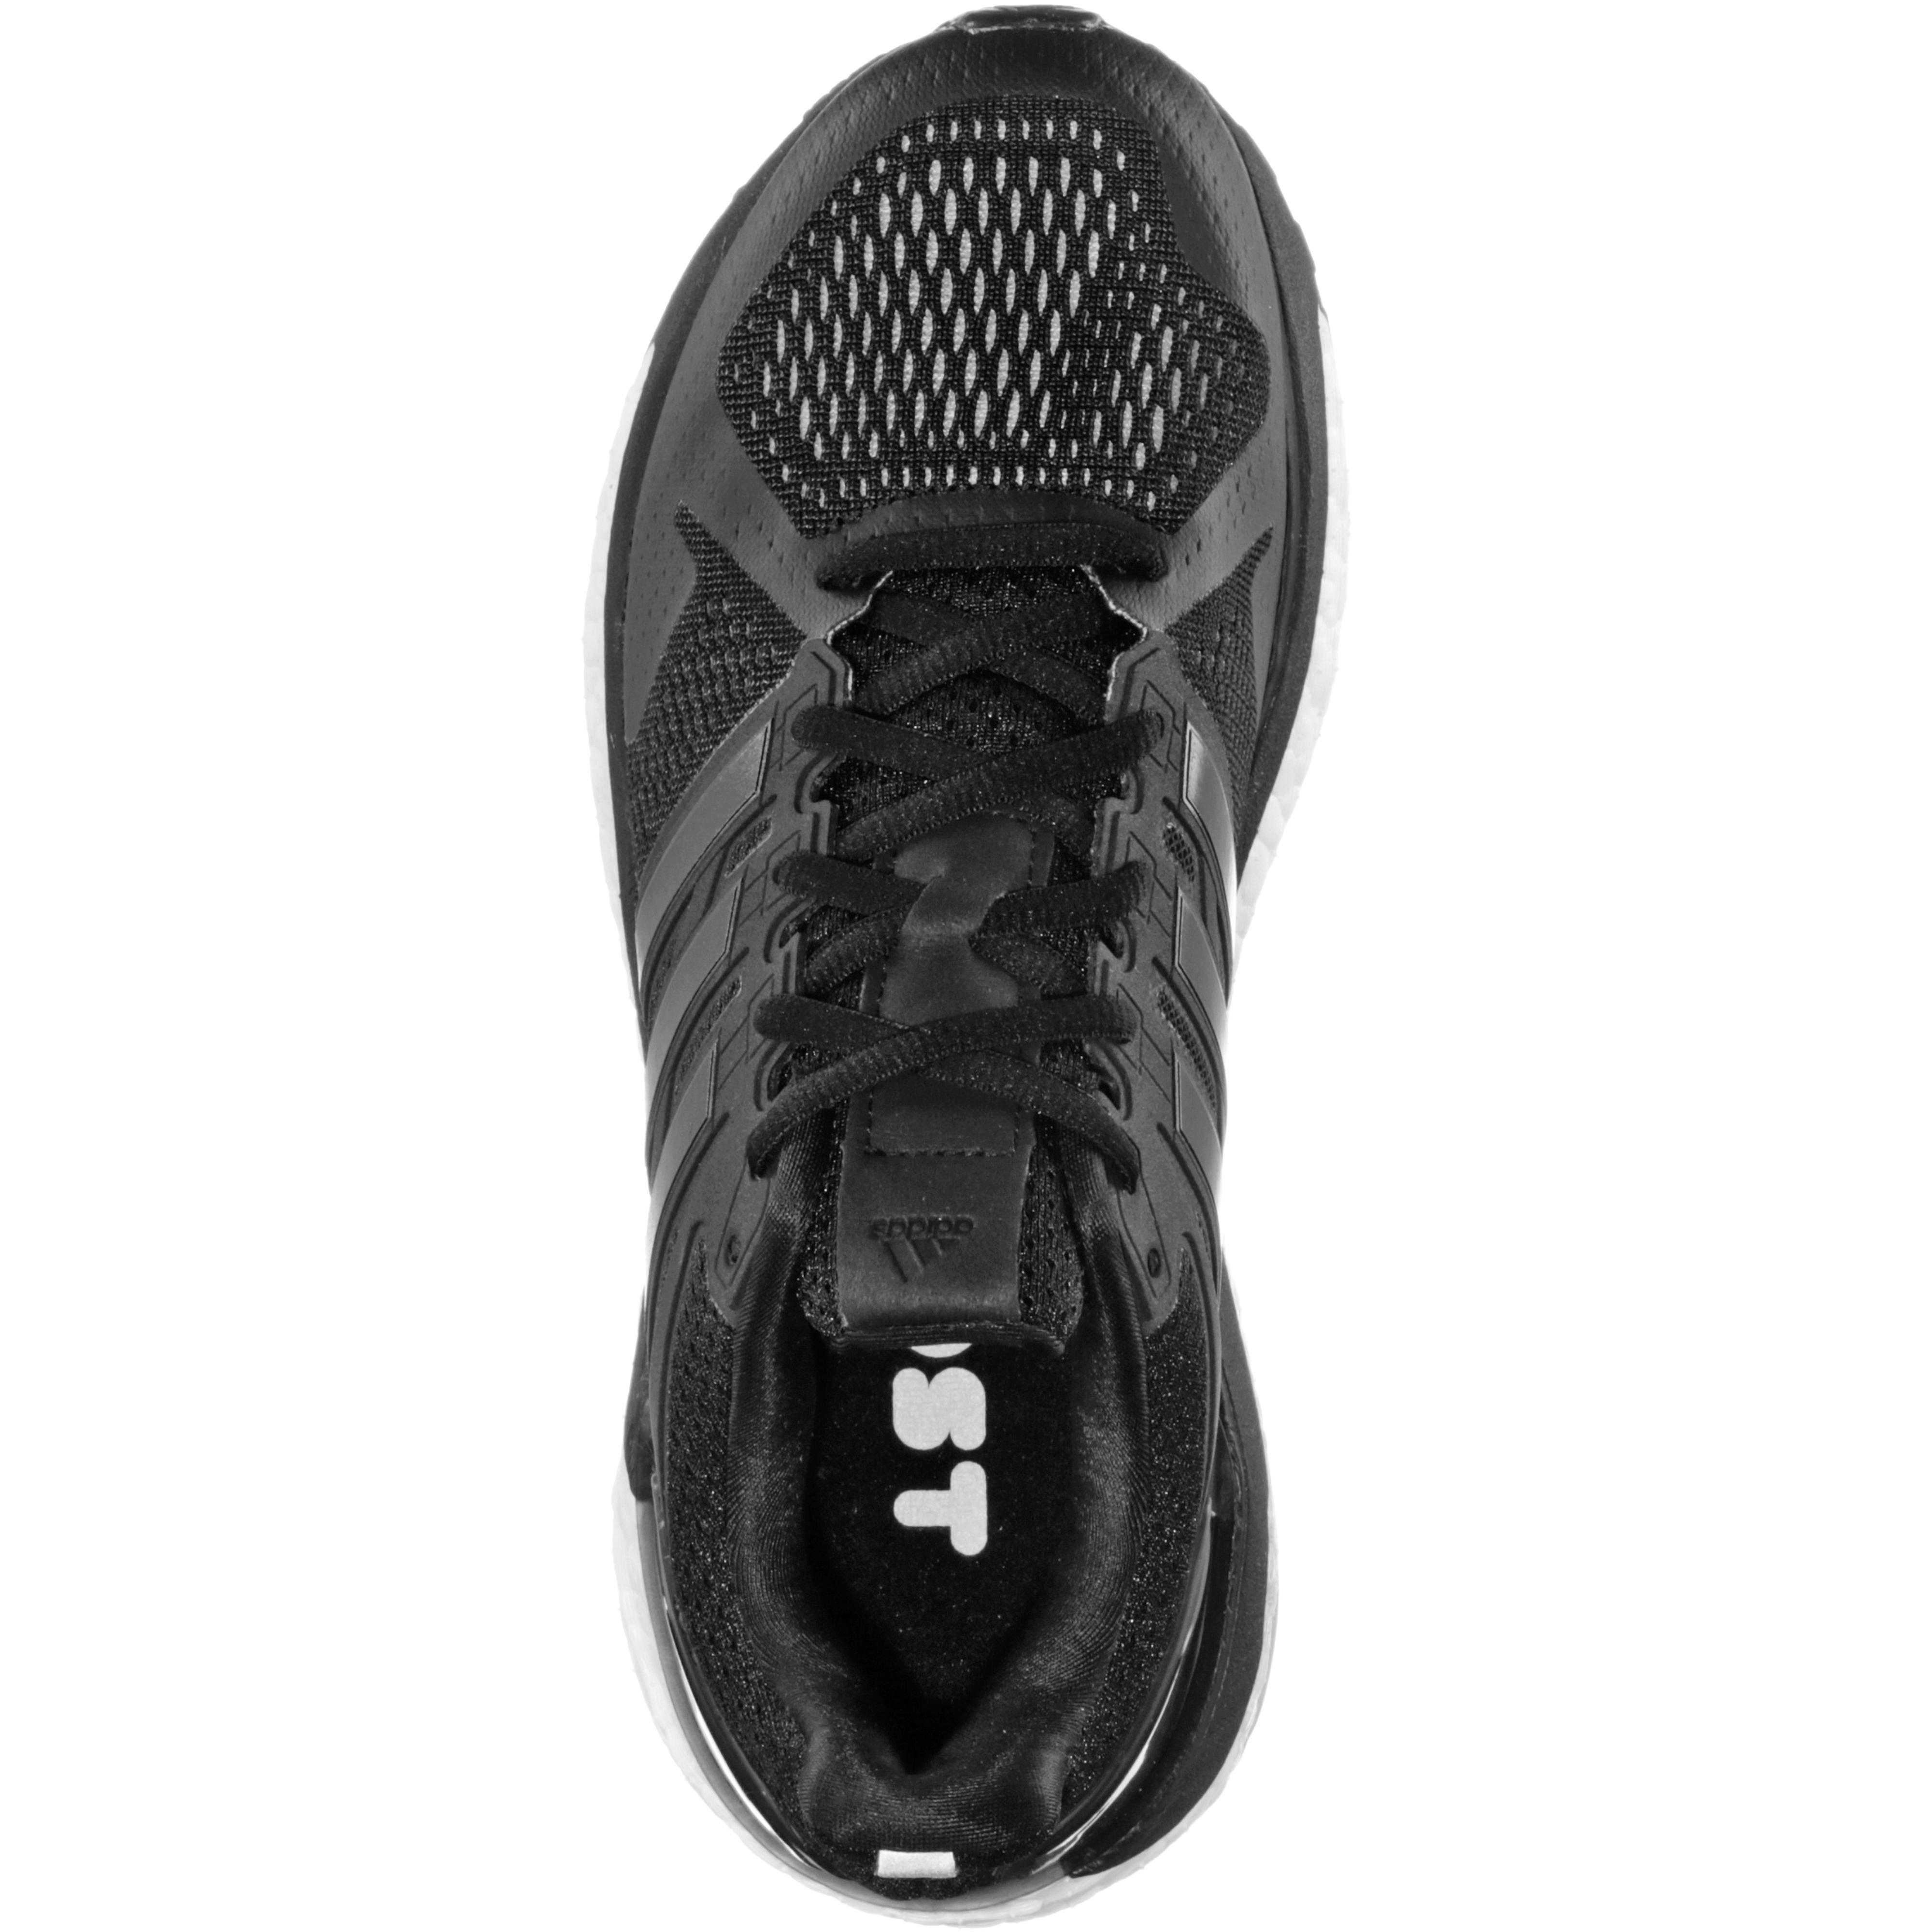 Adidas Supernova ST Laufschuhe Damen ftwr-Weiß im Online Online Online Shop von SportScheck kaufen Gute Qualität beliebte Schuhe 897702